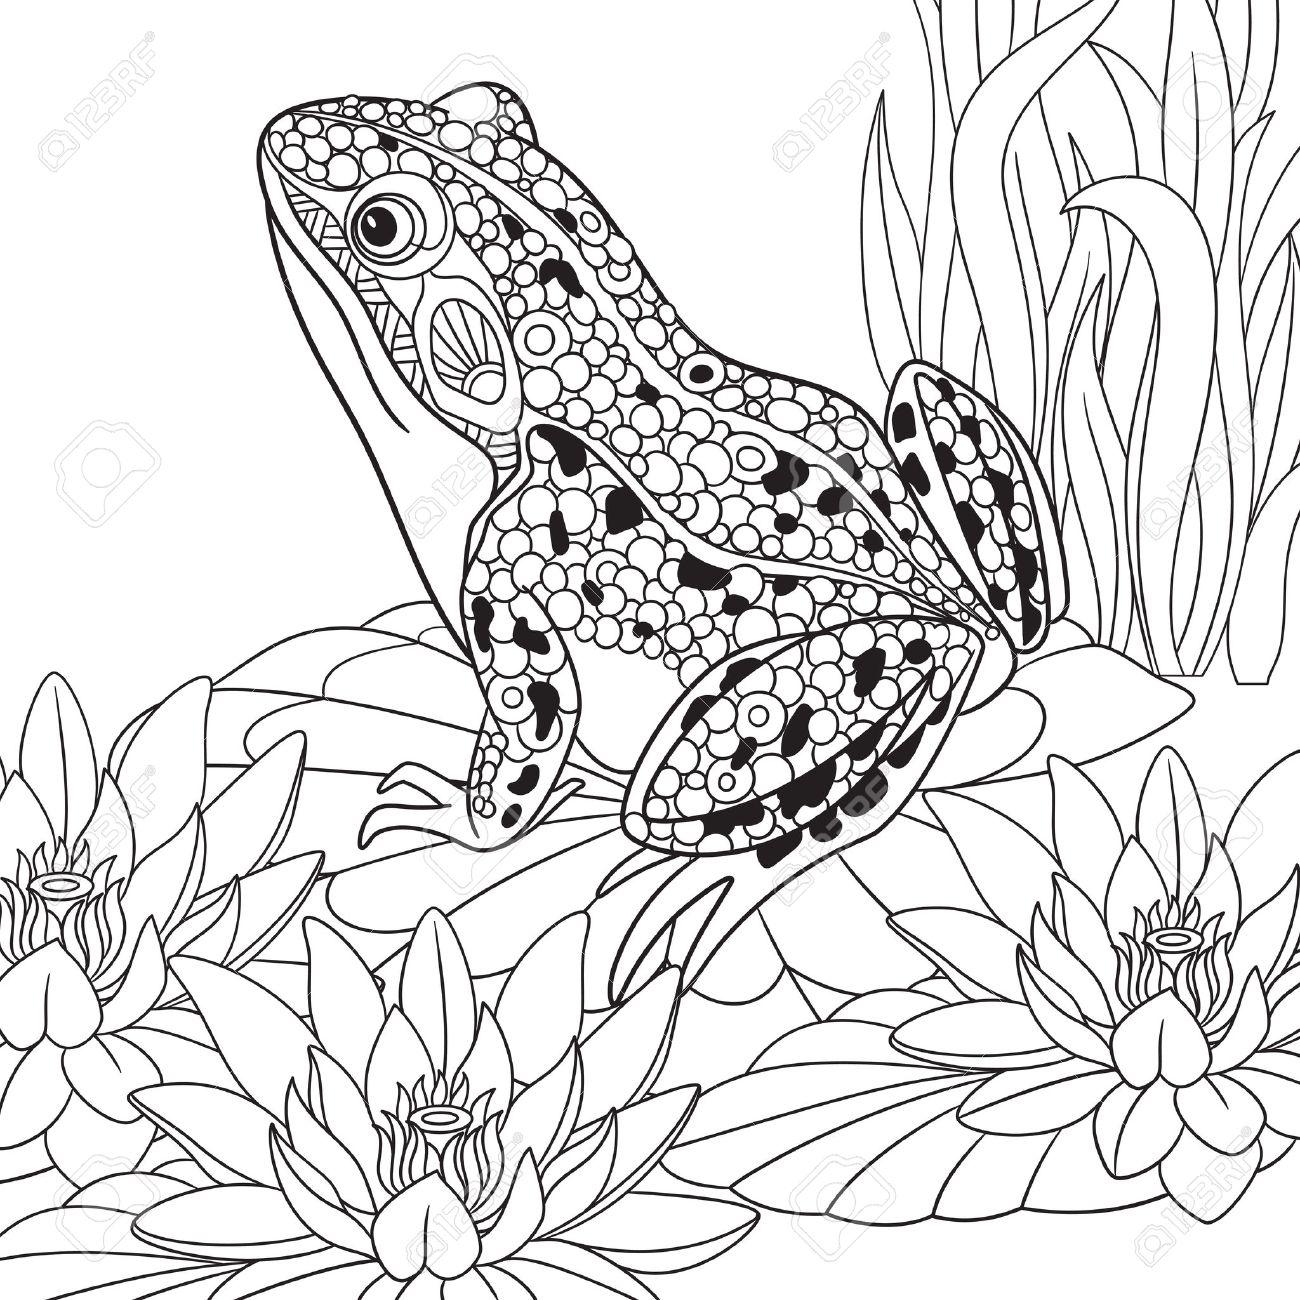 Coloriage Fleur De Nenuphar.Grenouille De Bande Dessinee Stylisee Zentangle Assis Parmi Les Fleurs De Lotus Nenuphars Esquisse Pour Antistress Adulte Coloriage Main Doodle